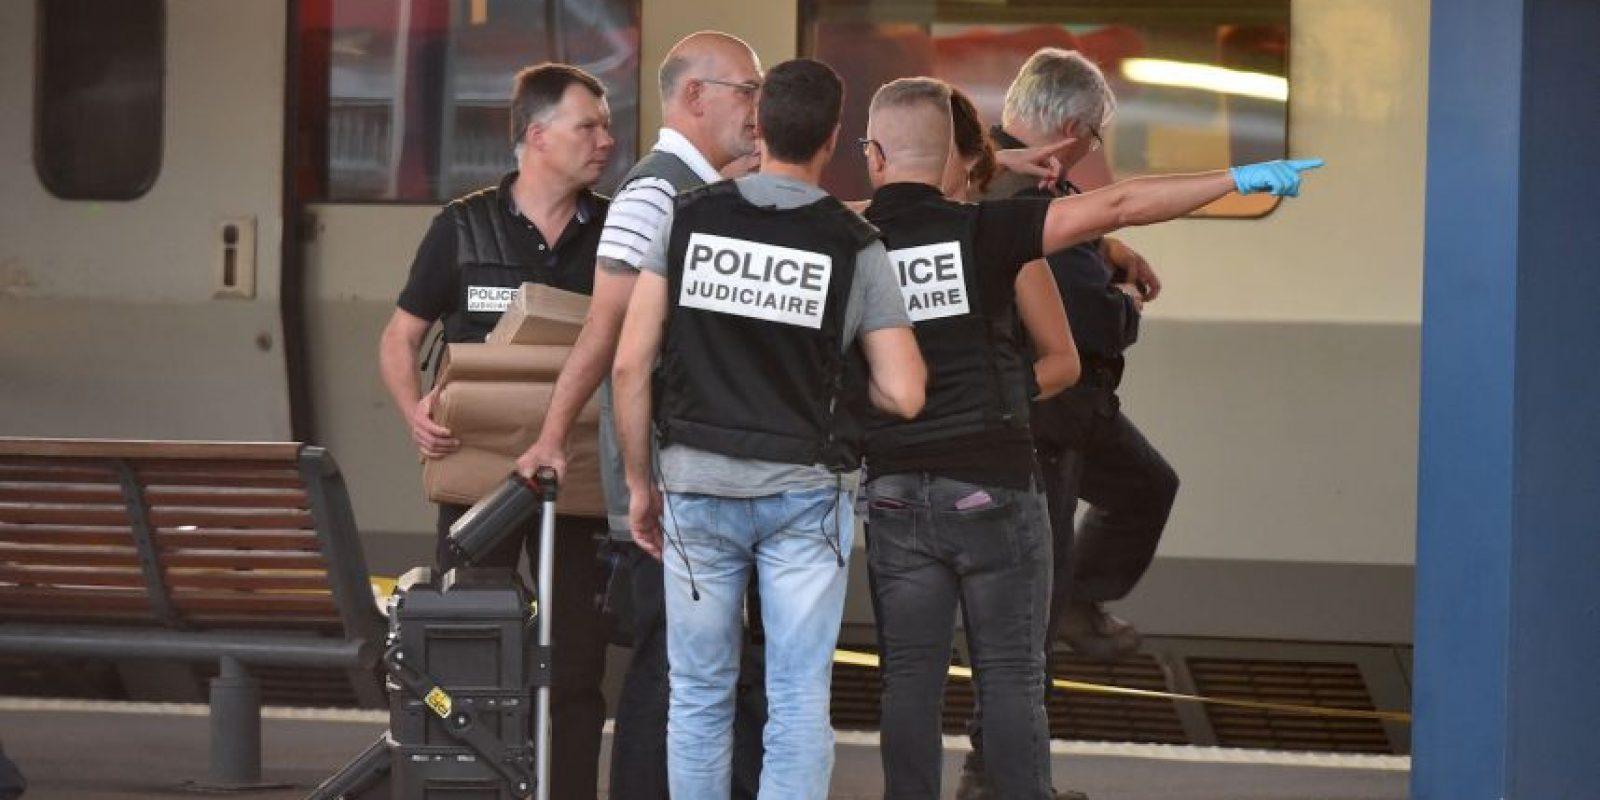 Tres hombres estadounidense que se encontraron abordo fueron quienes detuvieron el ataque de Ayoub El Khazzani. Foto:AFP